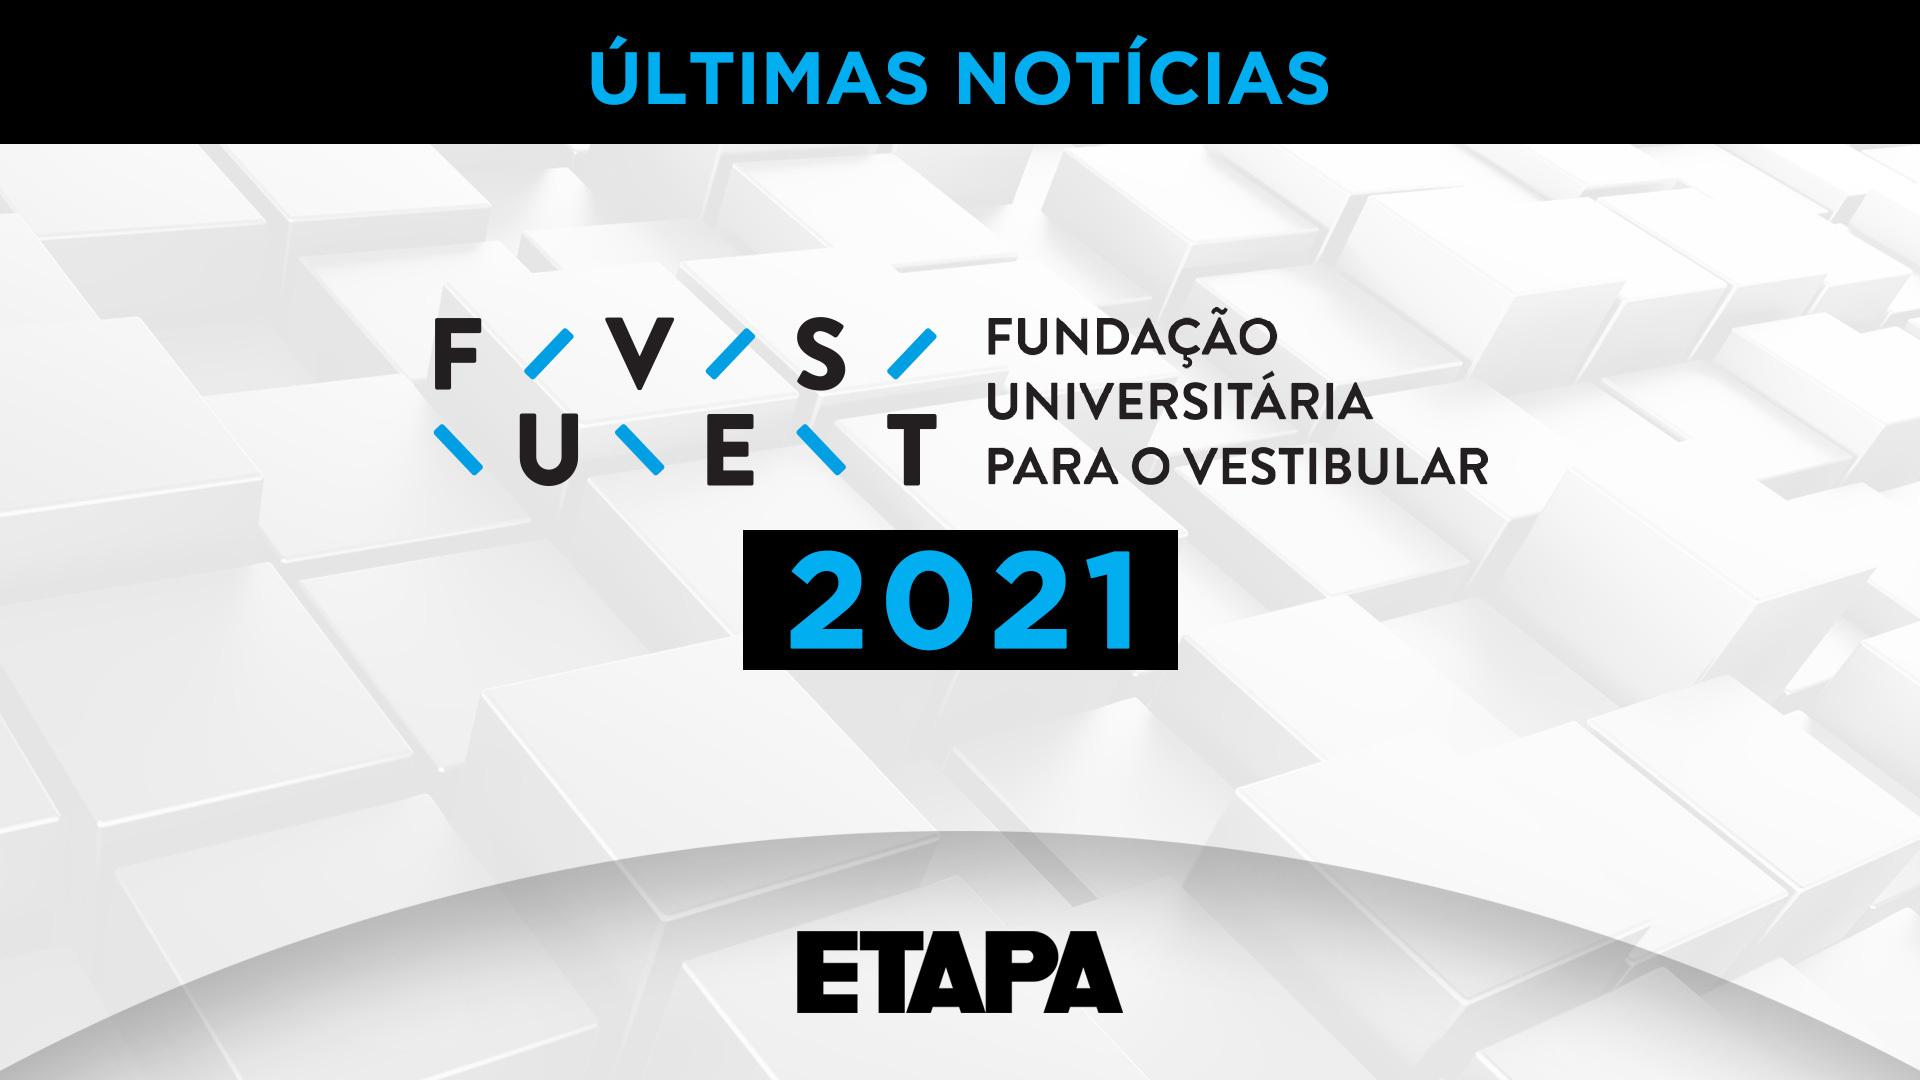 A lista dos convocados para a 2ª fase da Fuvest foi divulgada no dia 1º de fevereiro de 2021.